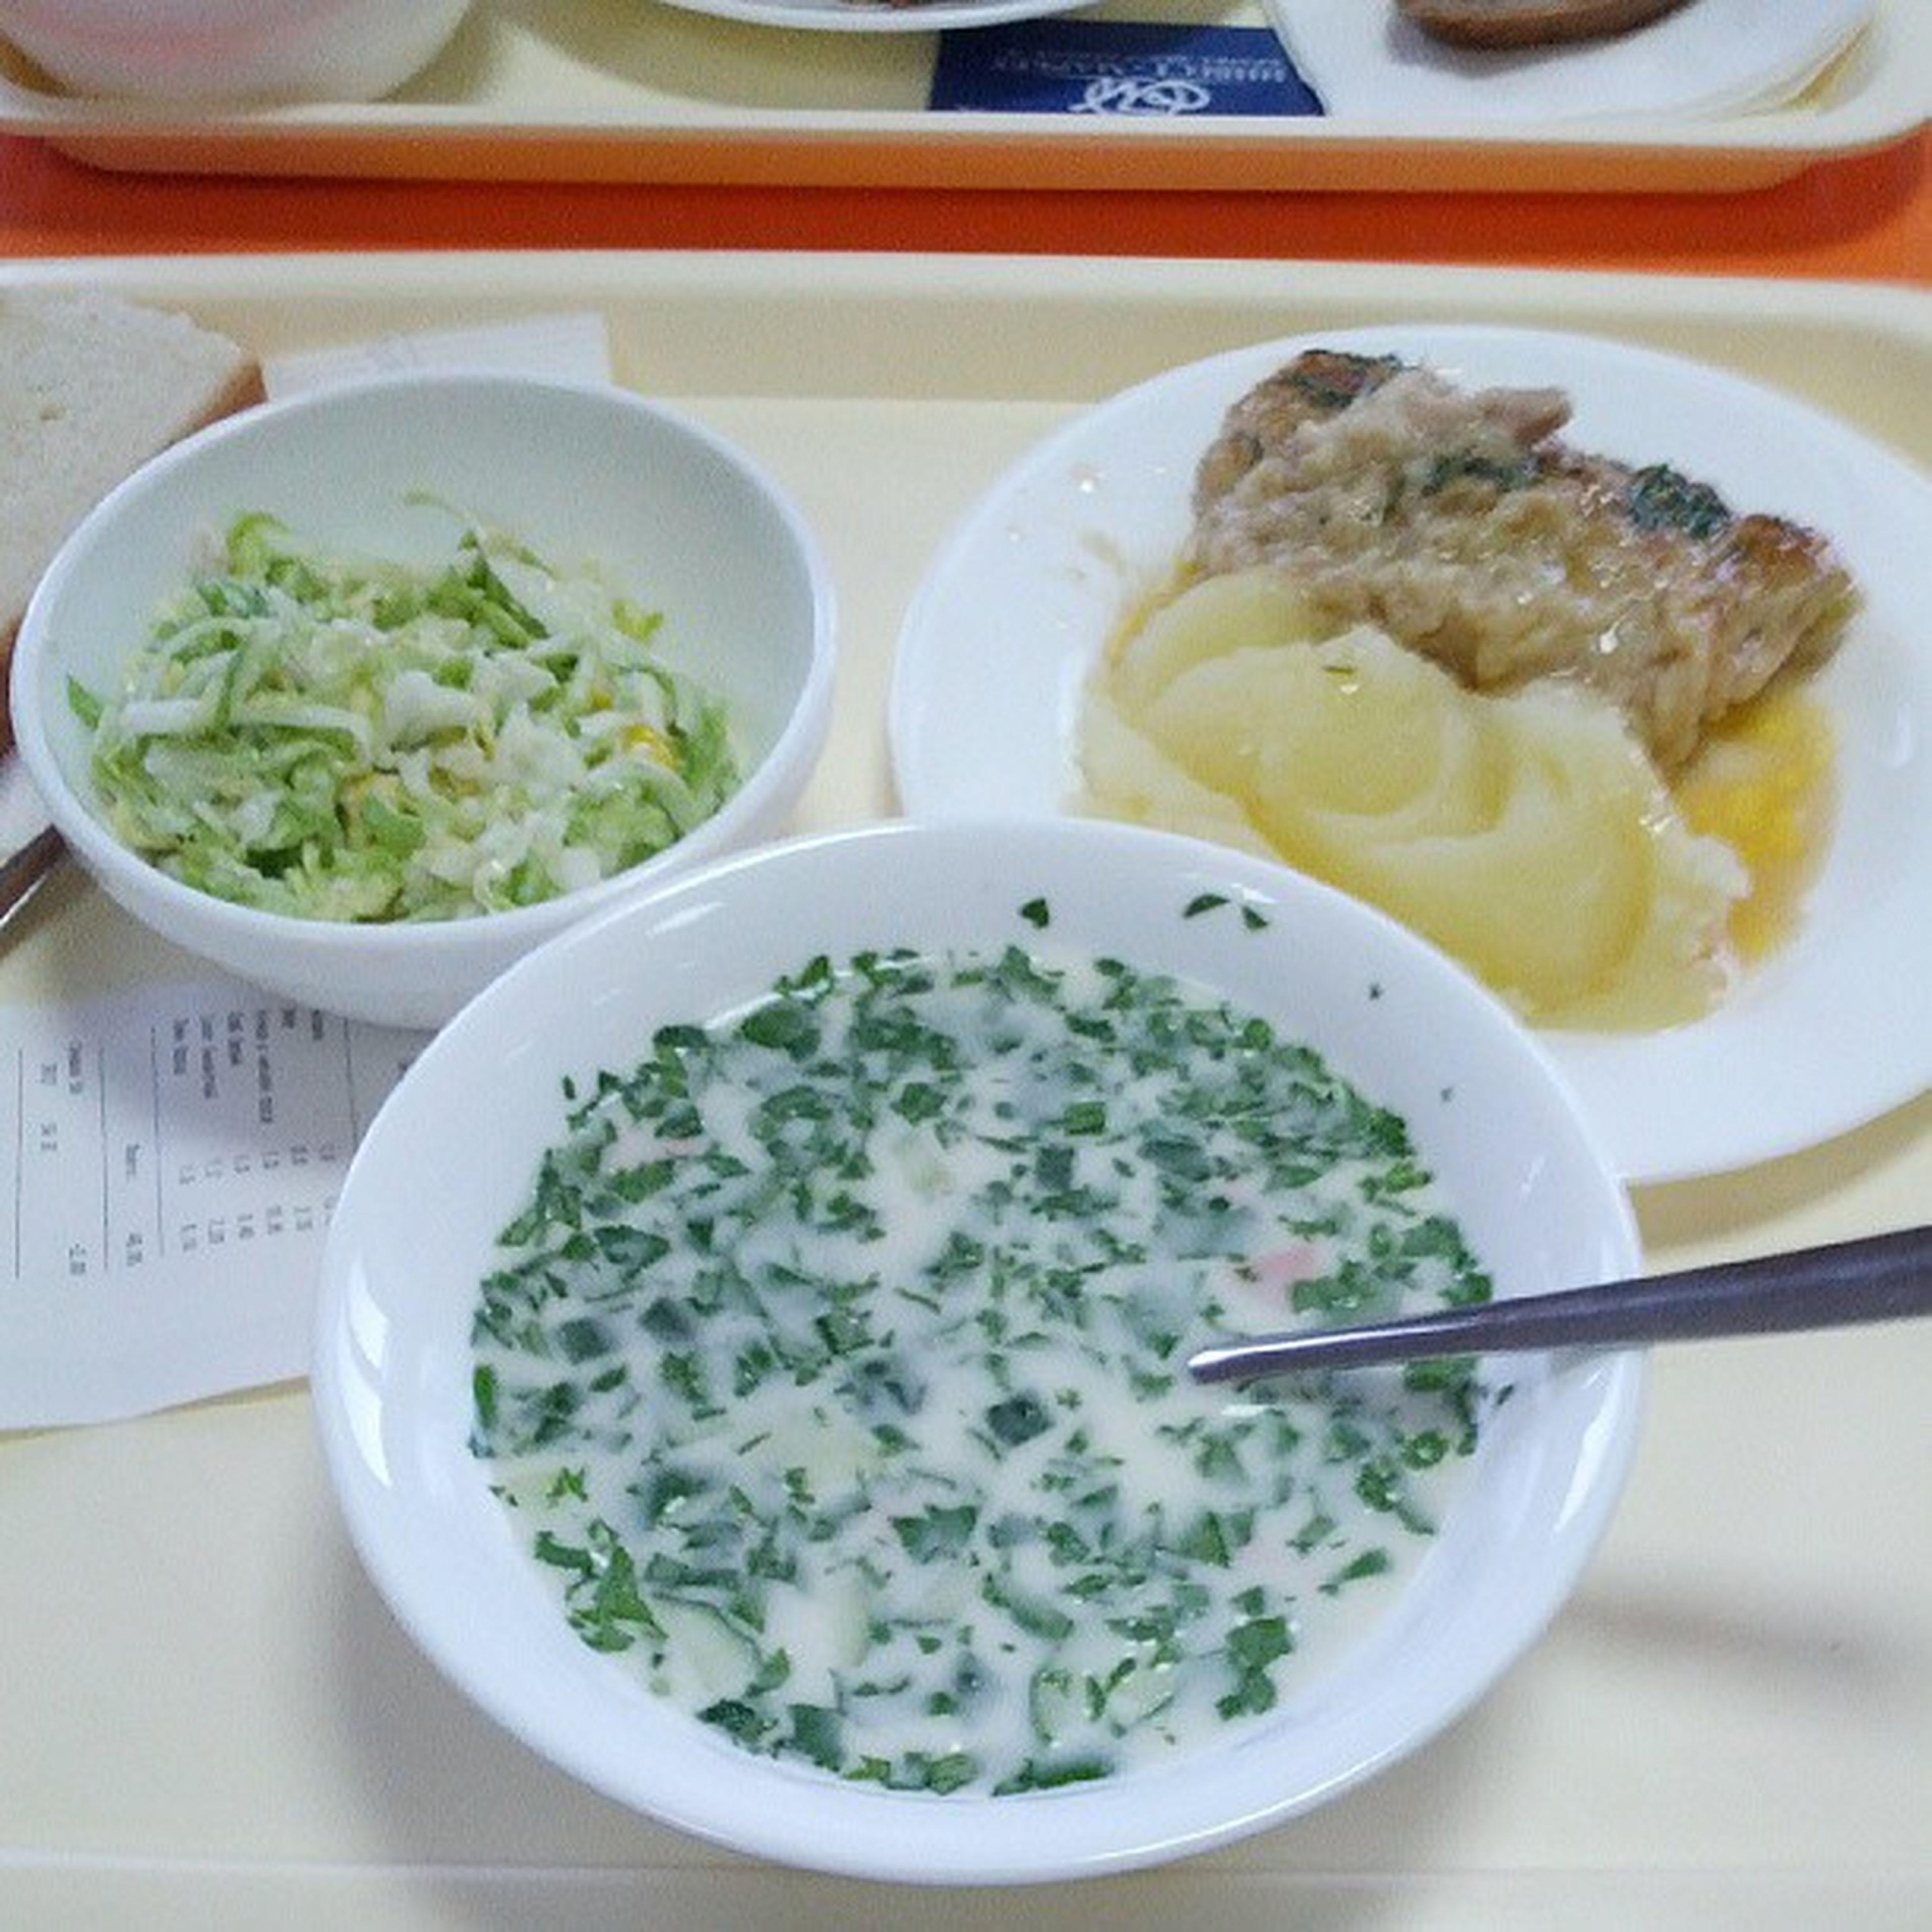 окрошка , пюре , курица в чесночном соусе, хлеб белый, салат Пикантный.